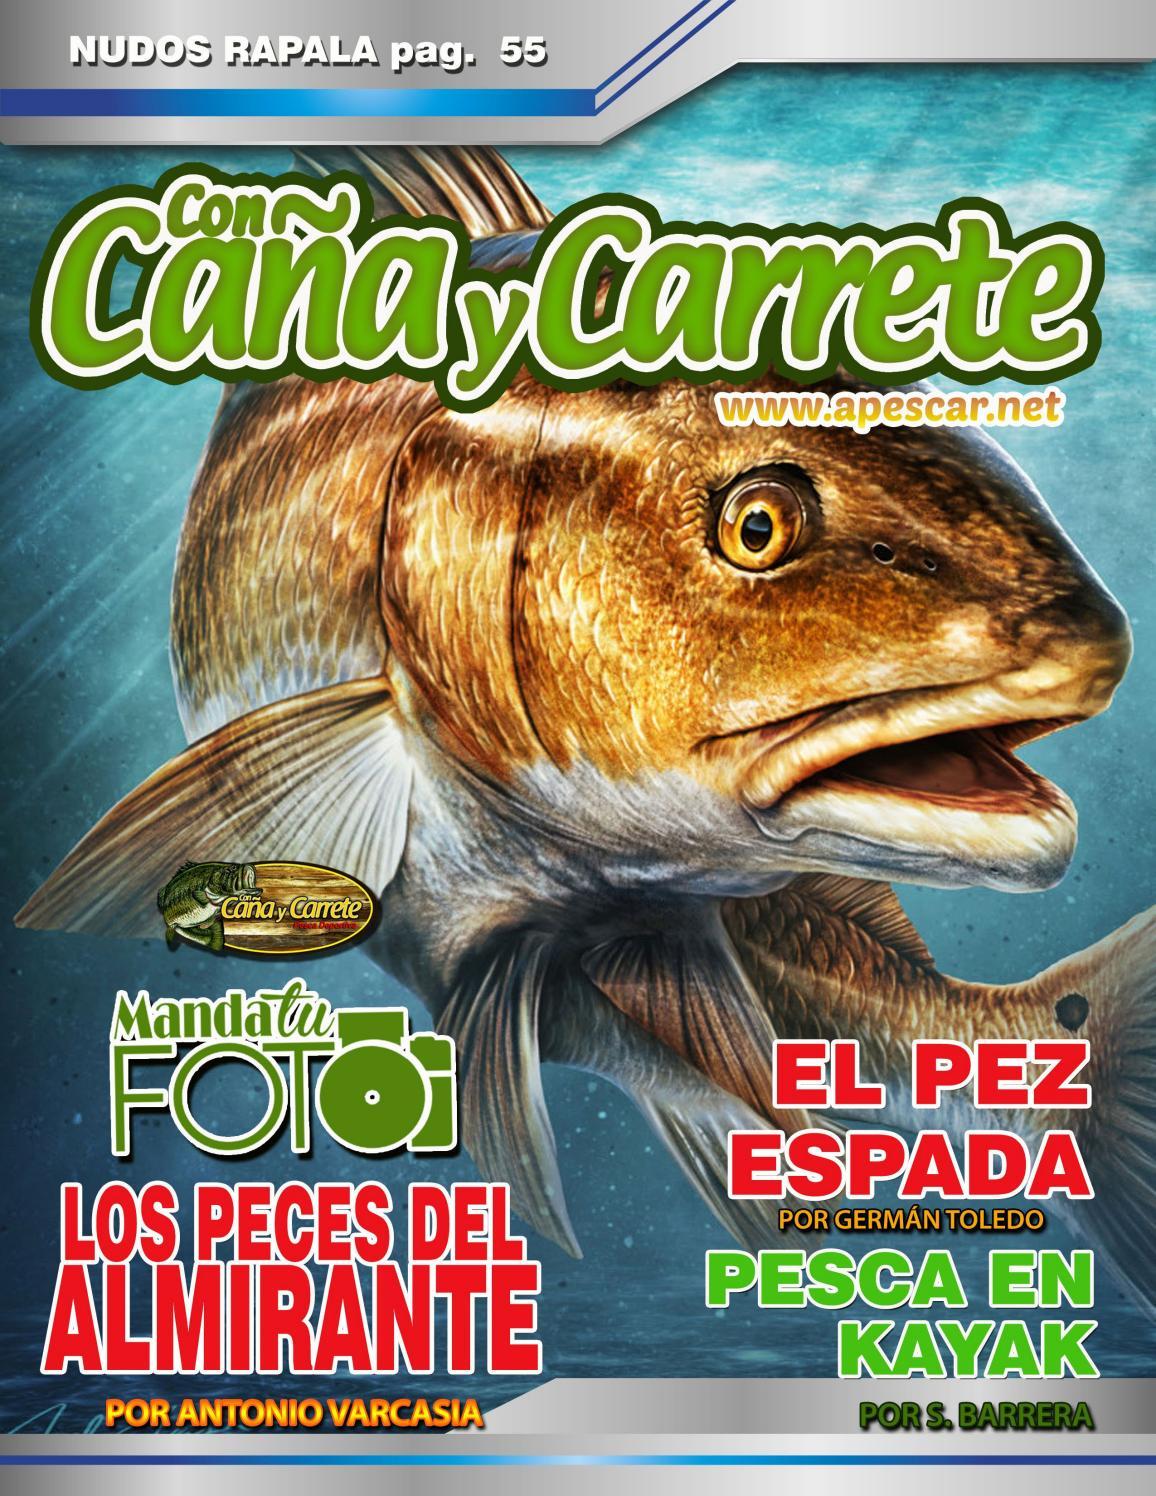 Revista 59 by Con Caña y Carrete - issuu